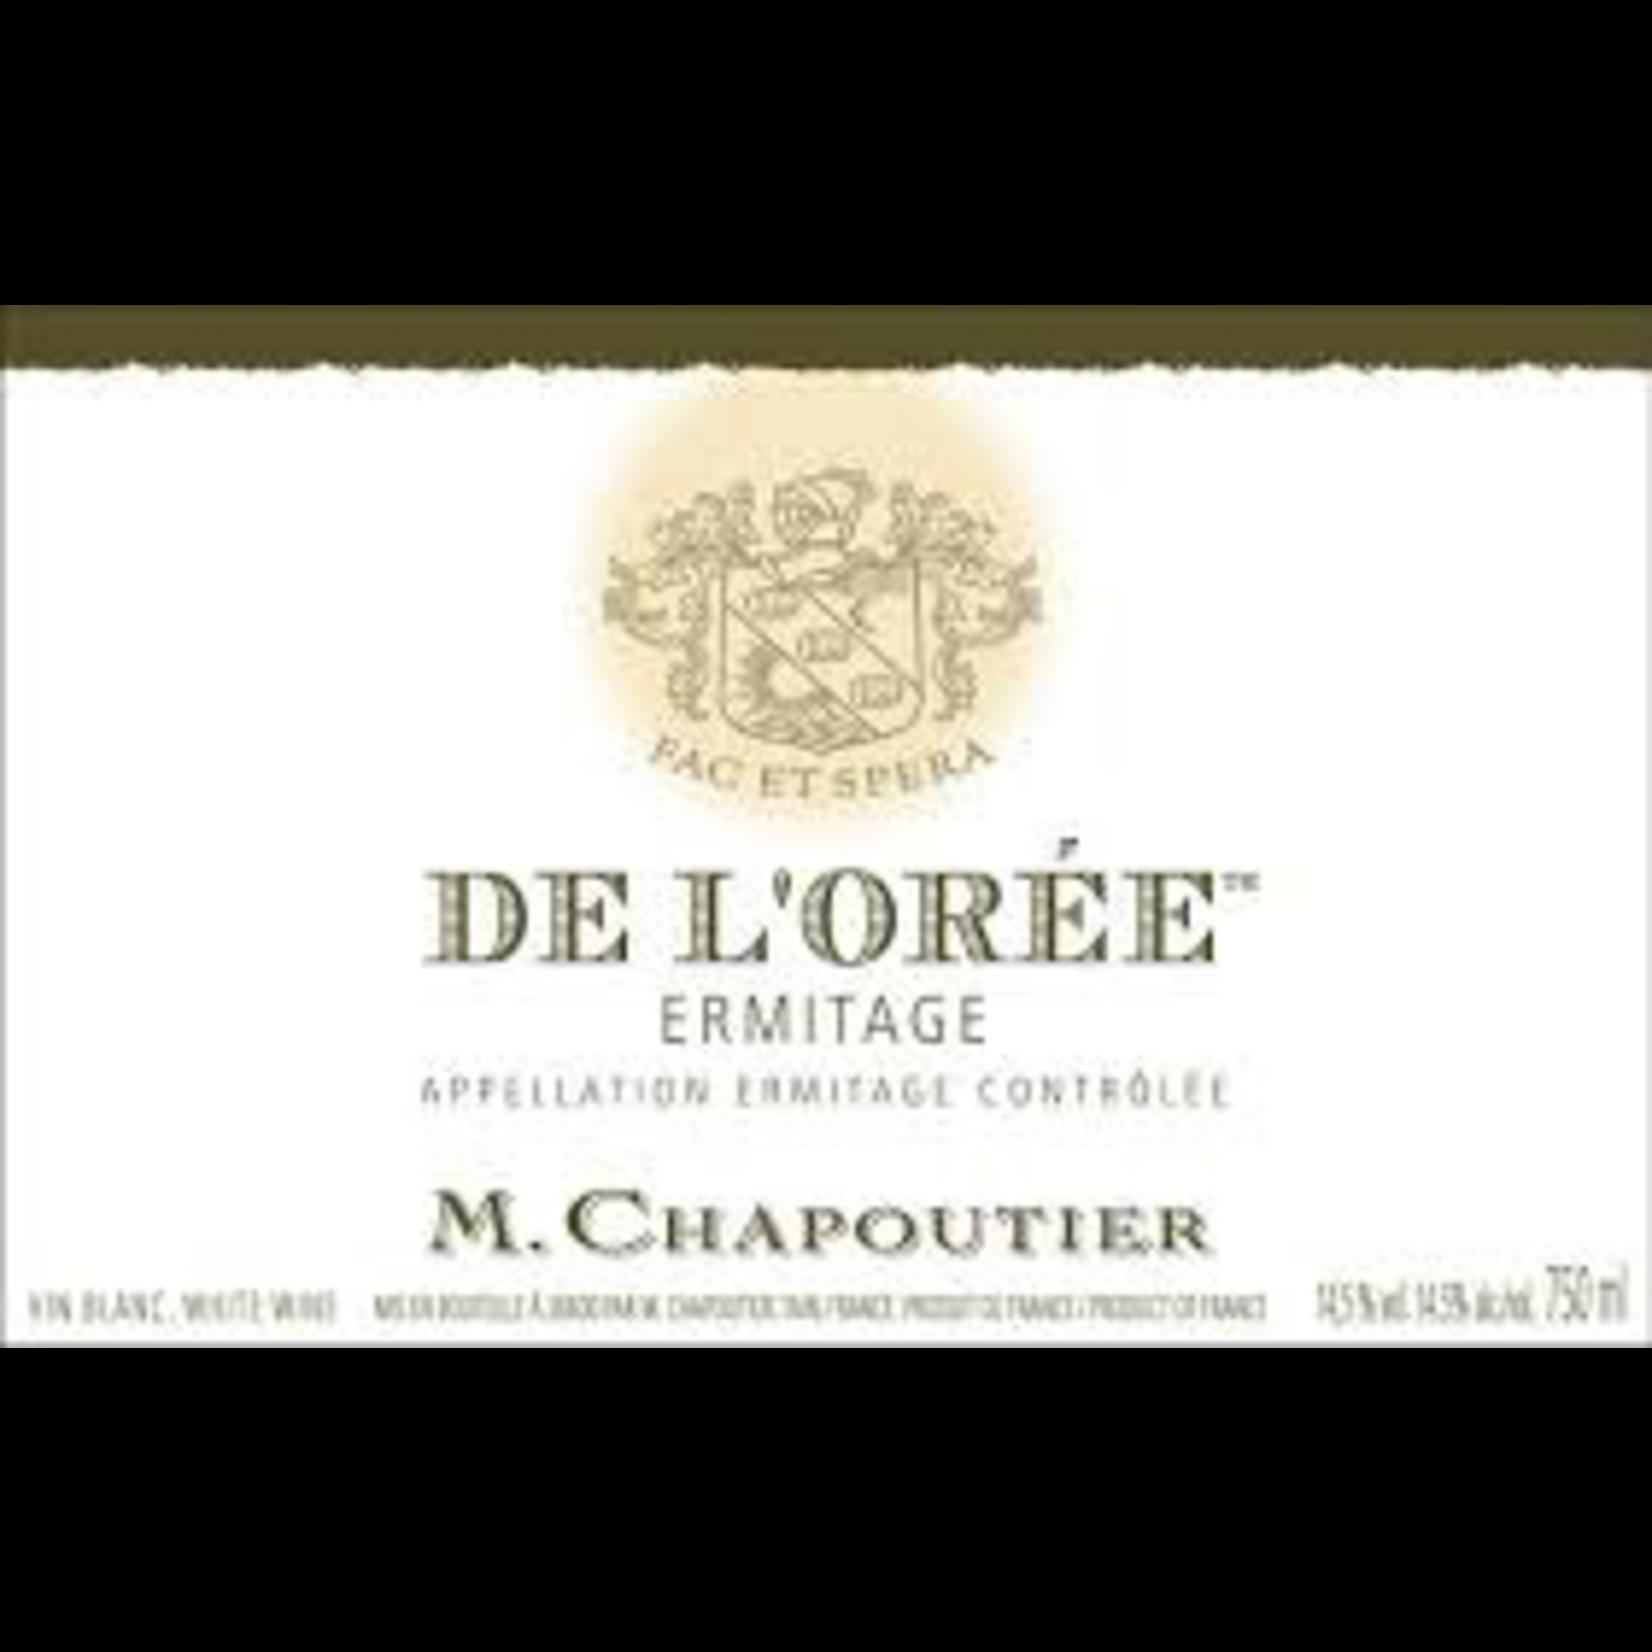 Chapoutier Ermitage Blanc de l'Oree 1999 owc